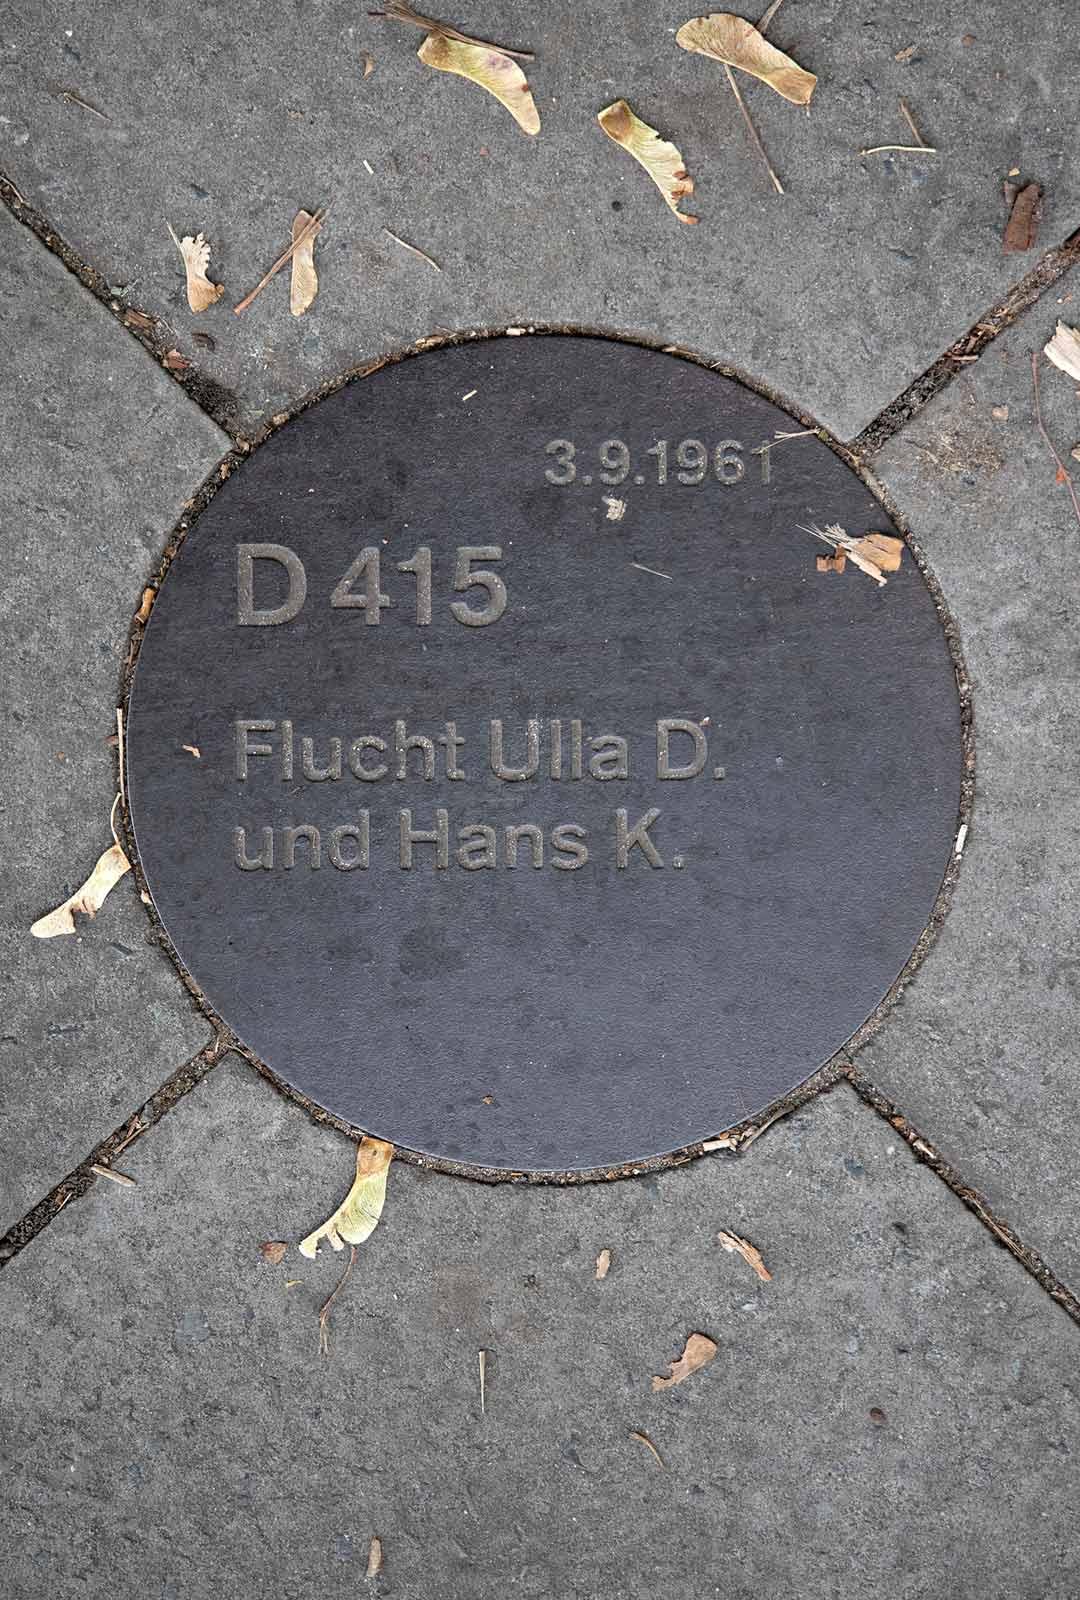 Jalkakäytävässä on muistolaattoja, jotka kertovat pakenijoista. Ulla D. ja Hans K. jäivät henkiin.